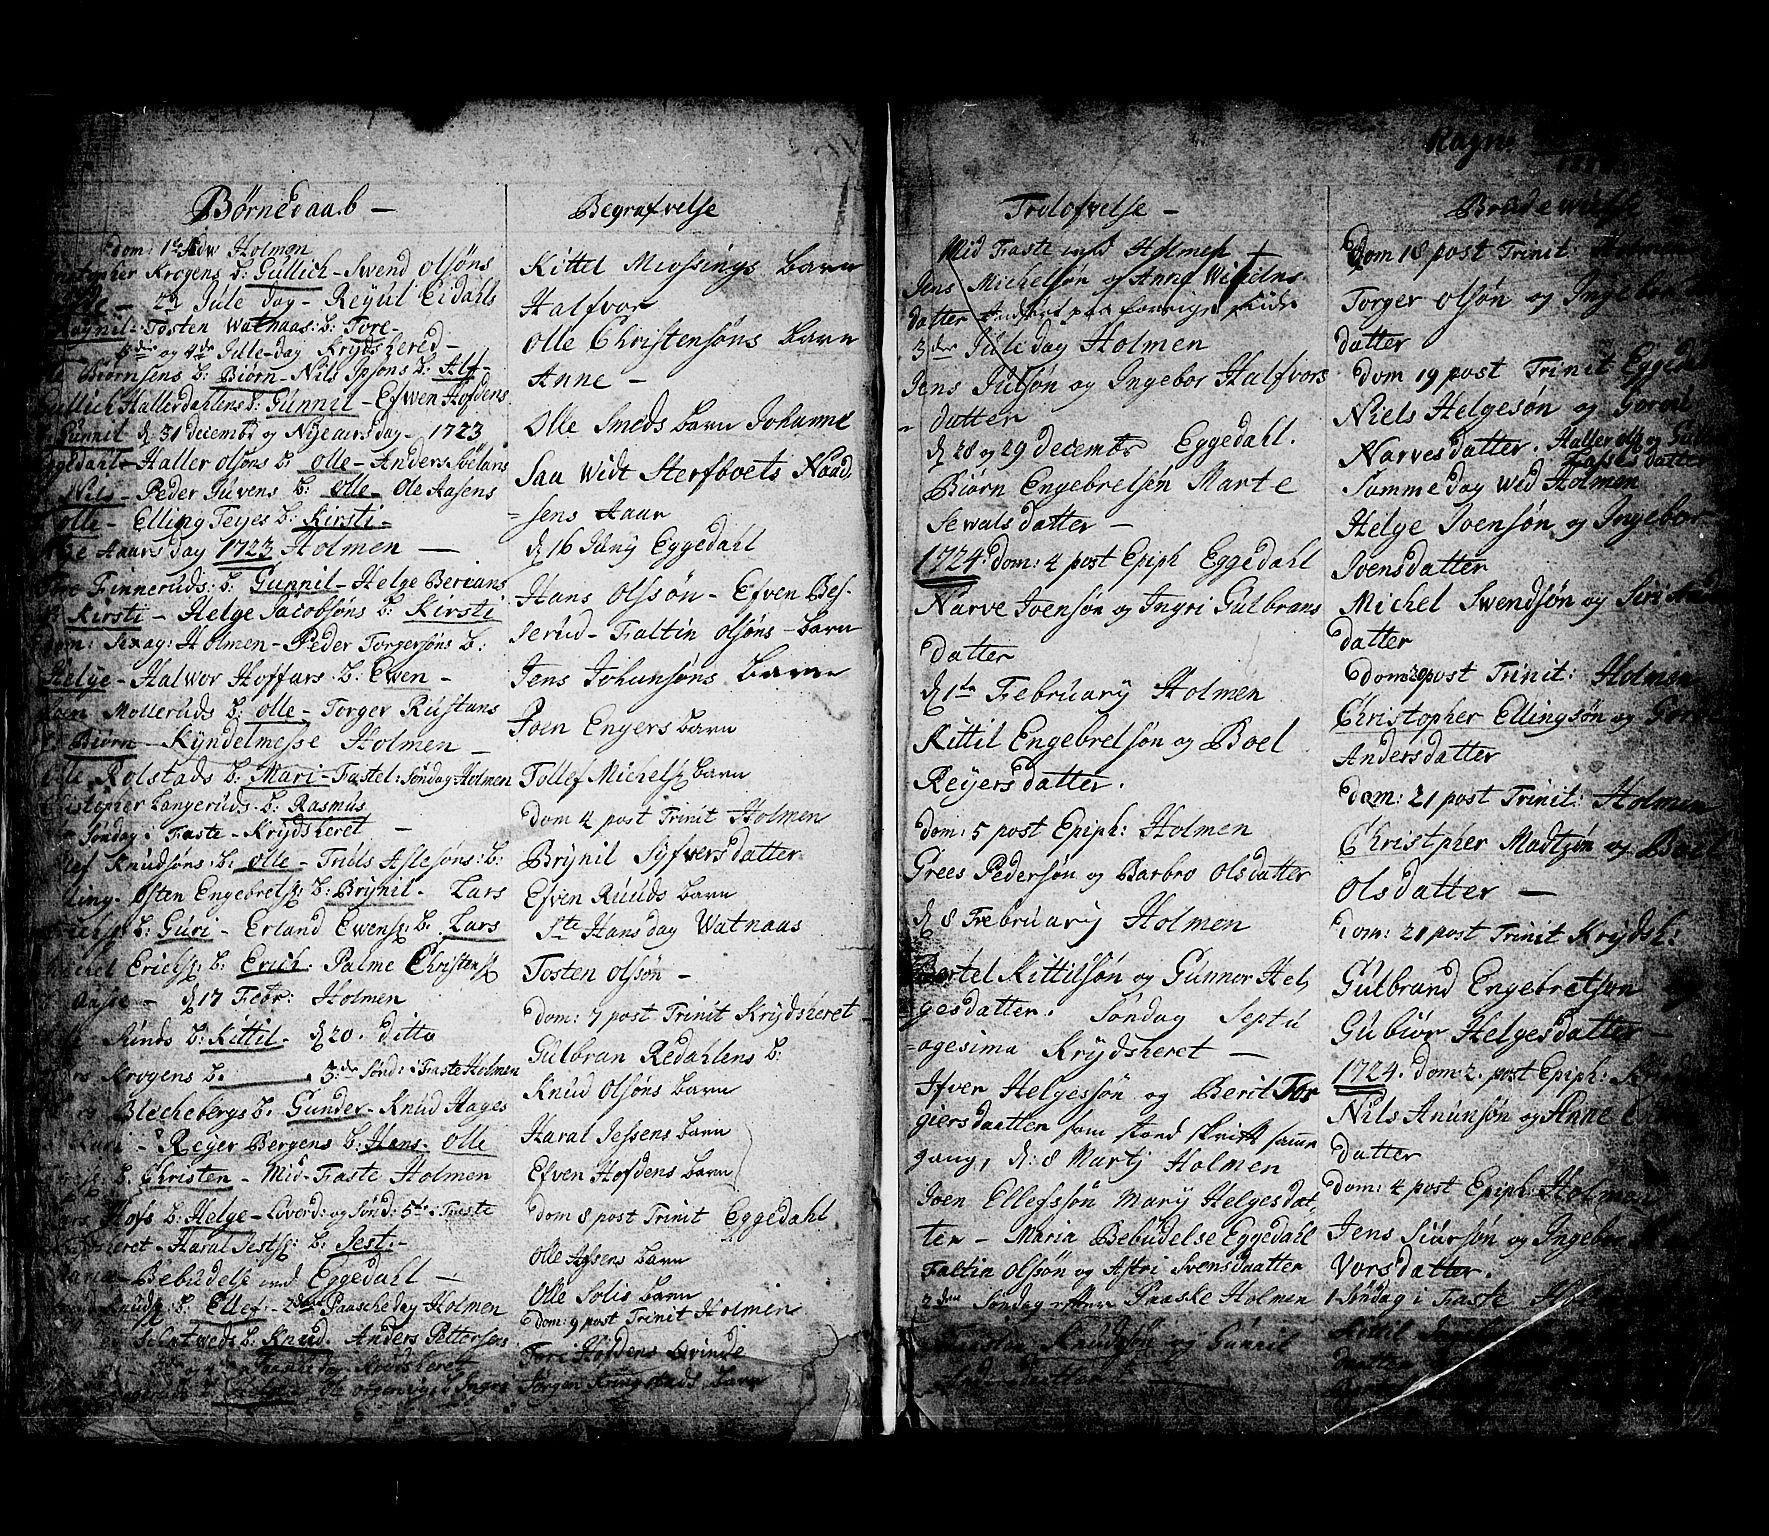 SAKO, Sigdal kirkebøker, F/Fa/L0001: Ministerialbok nr. I 1, 1722-1777, s. 6